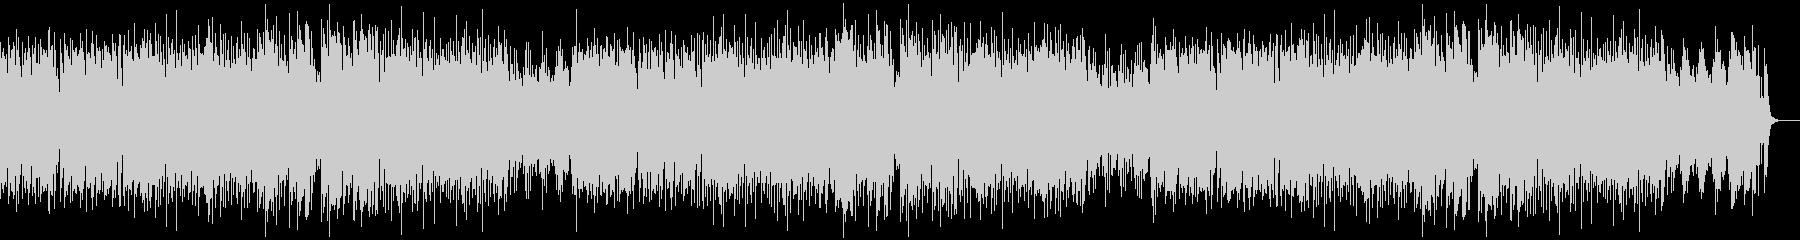 Refreshing violin / quiet's unreproduced waveform